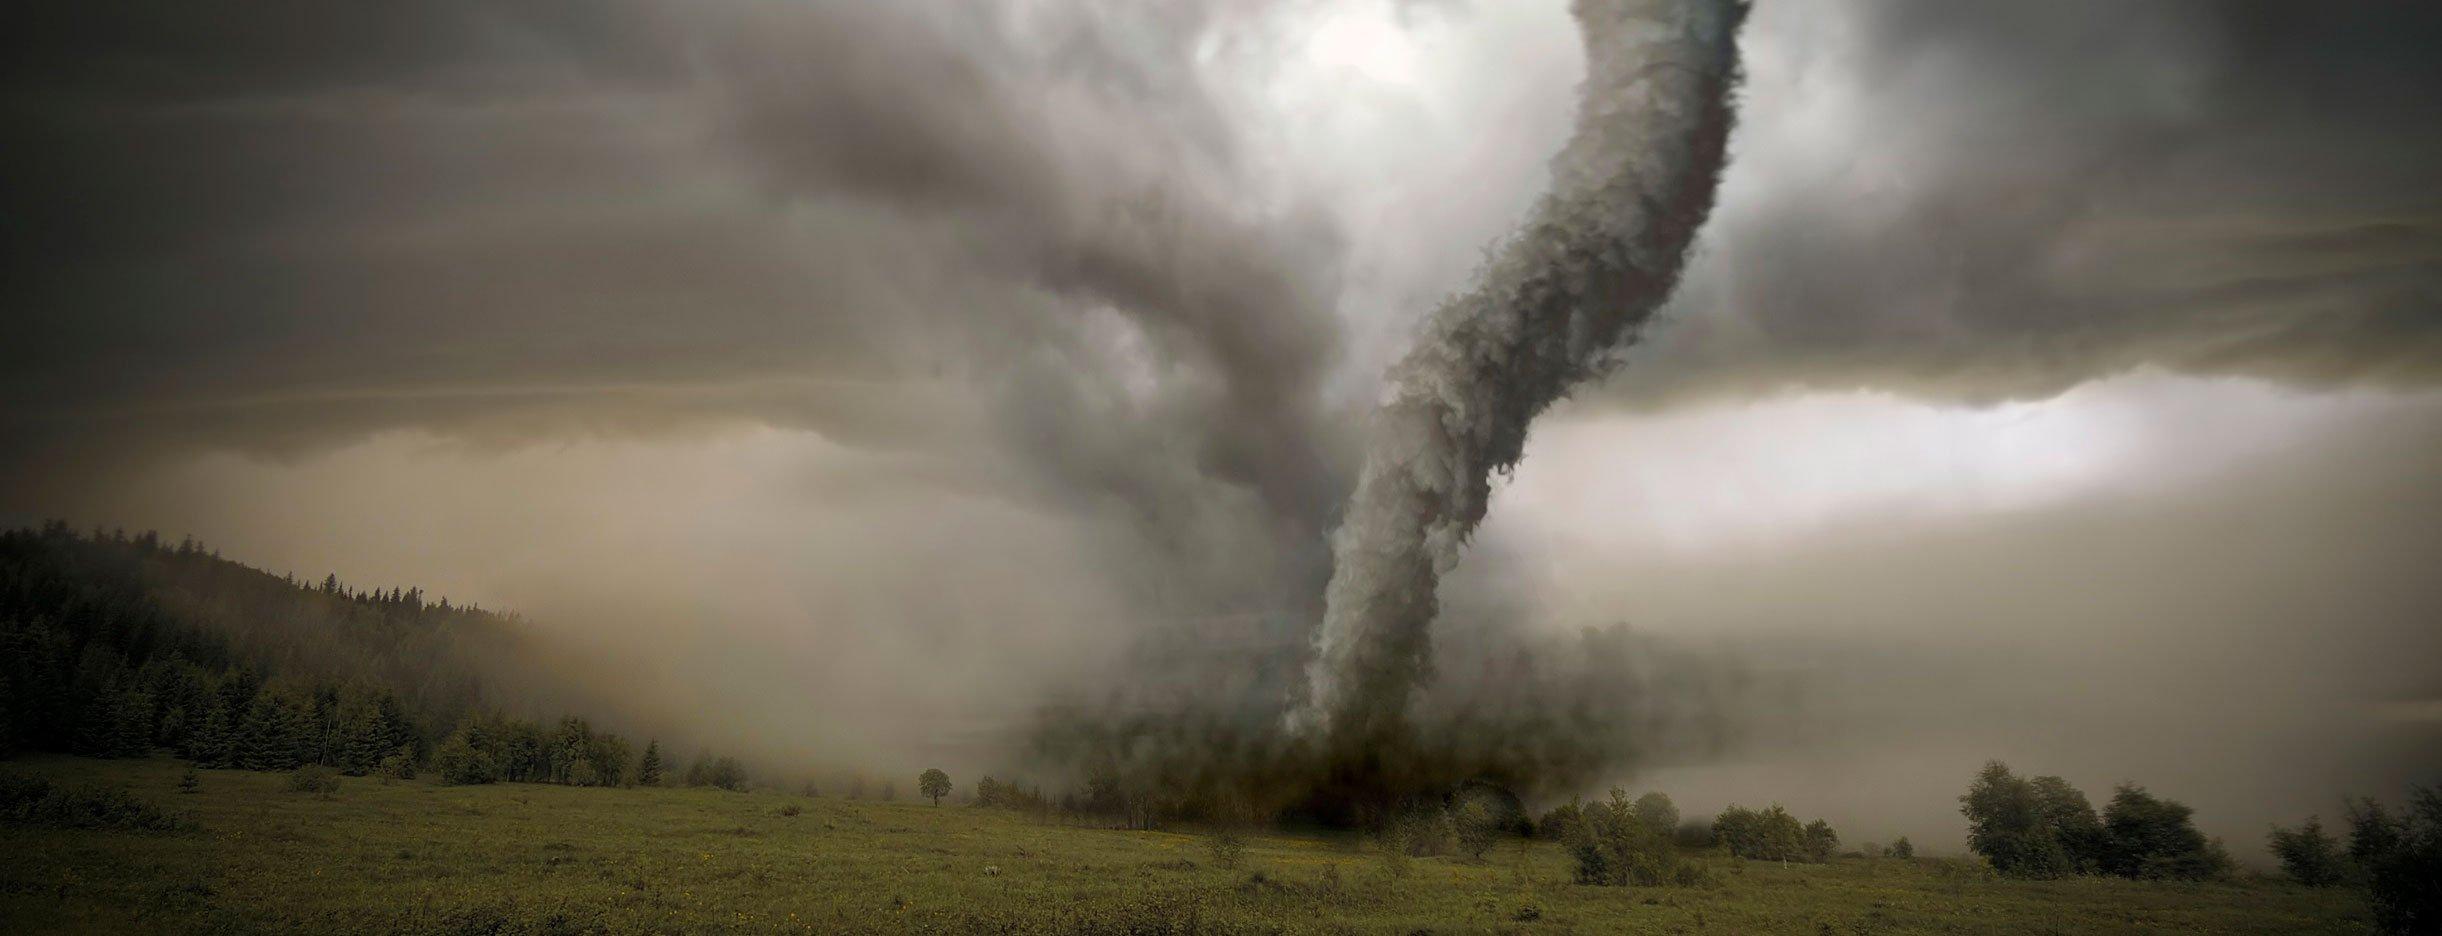 Tips for Disaster Preparedness